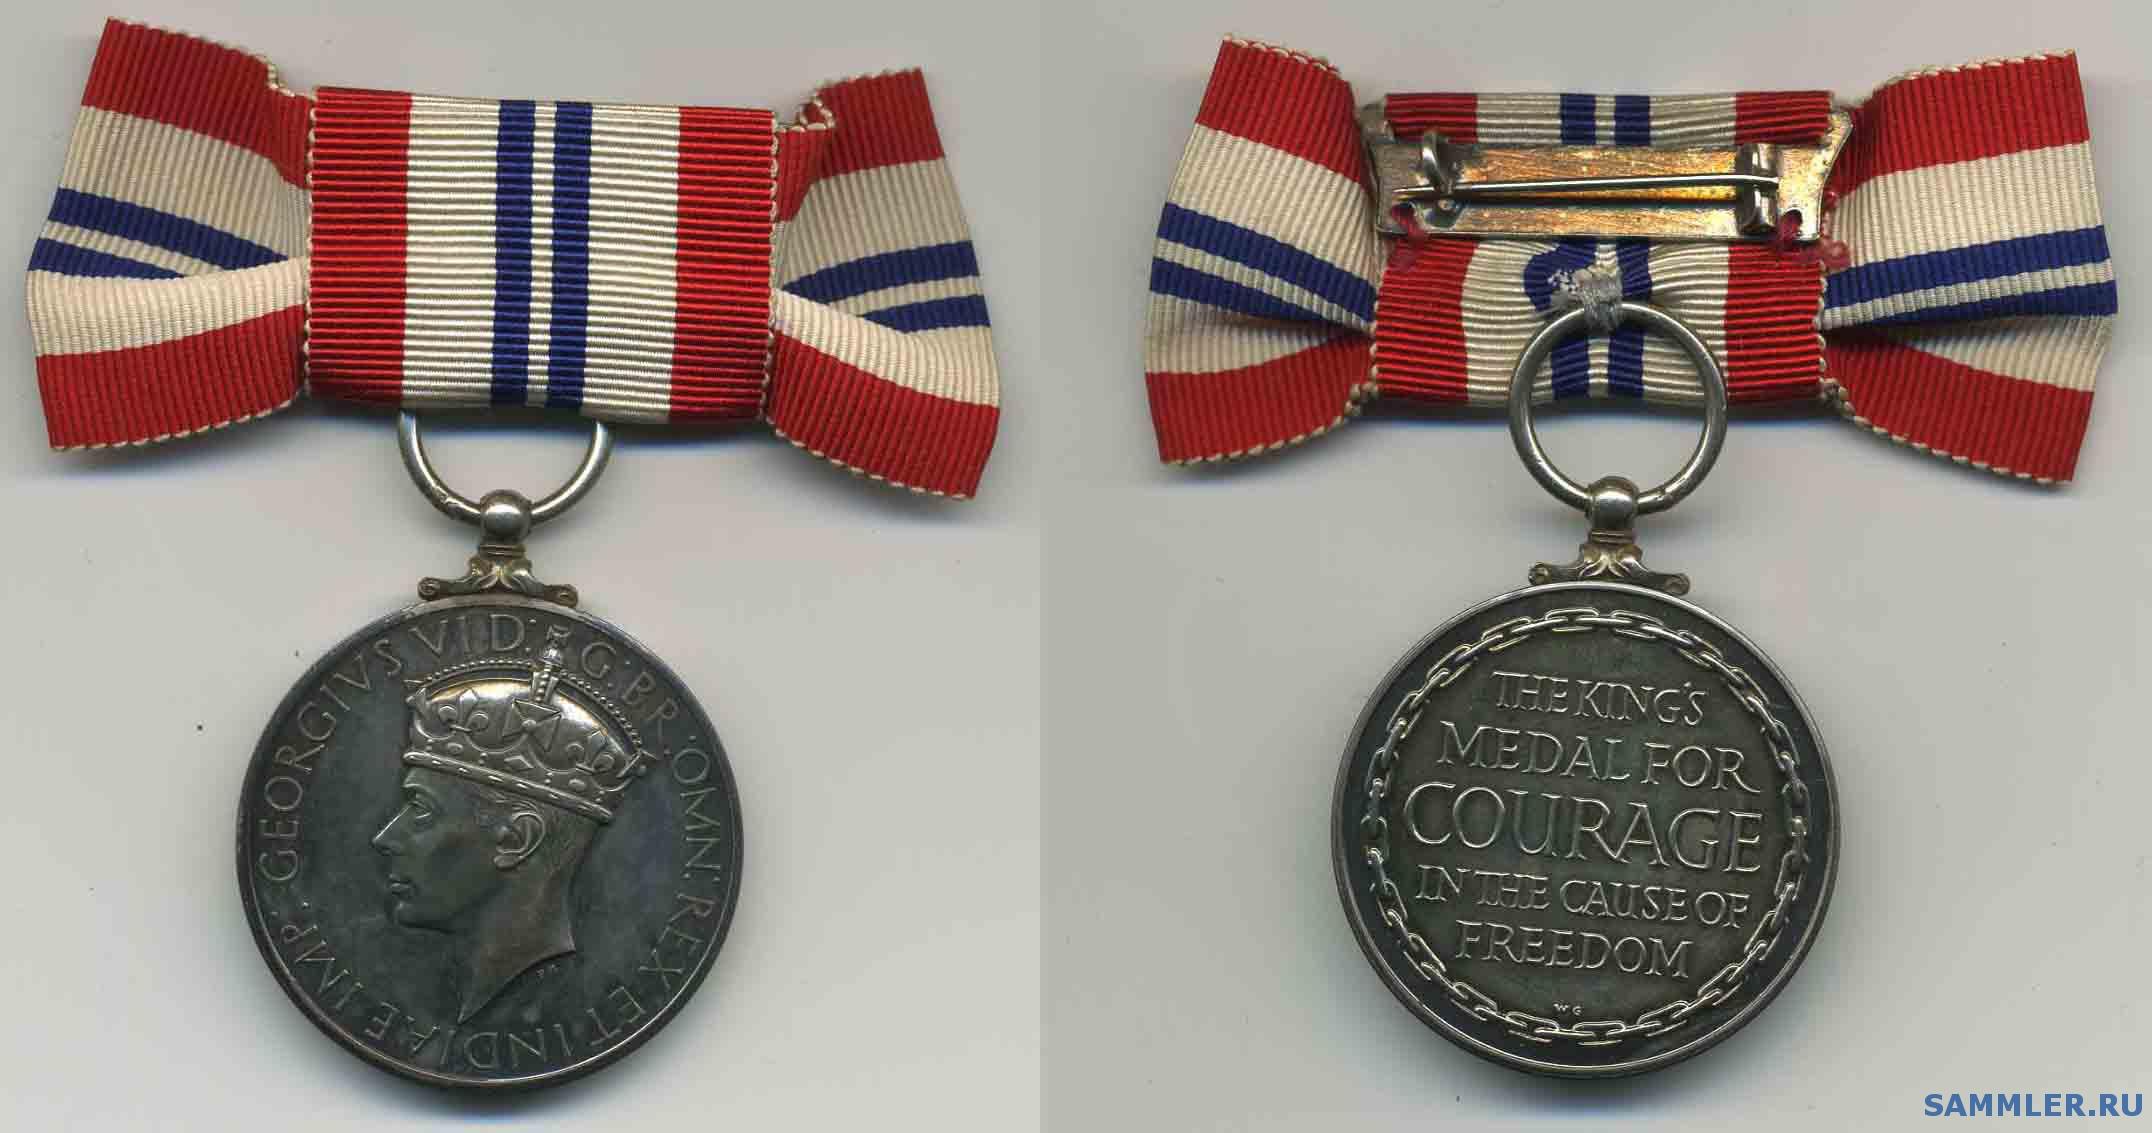 King__s_Medal_for_Courage__G_VI_.jpg